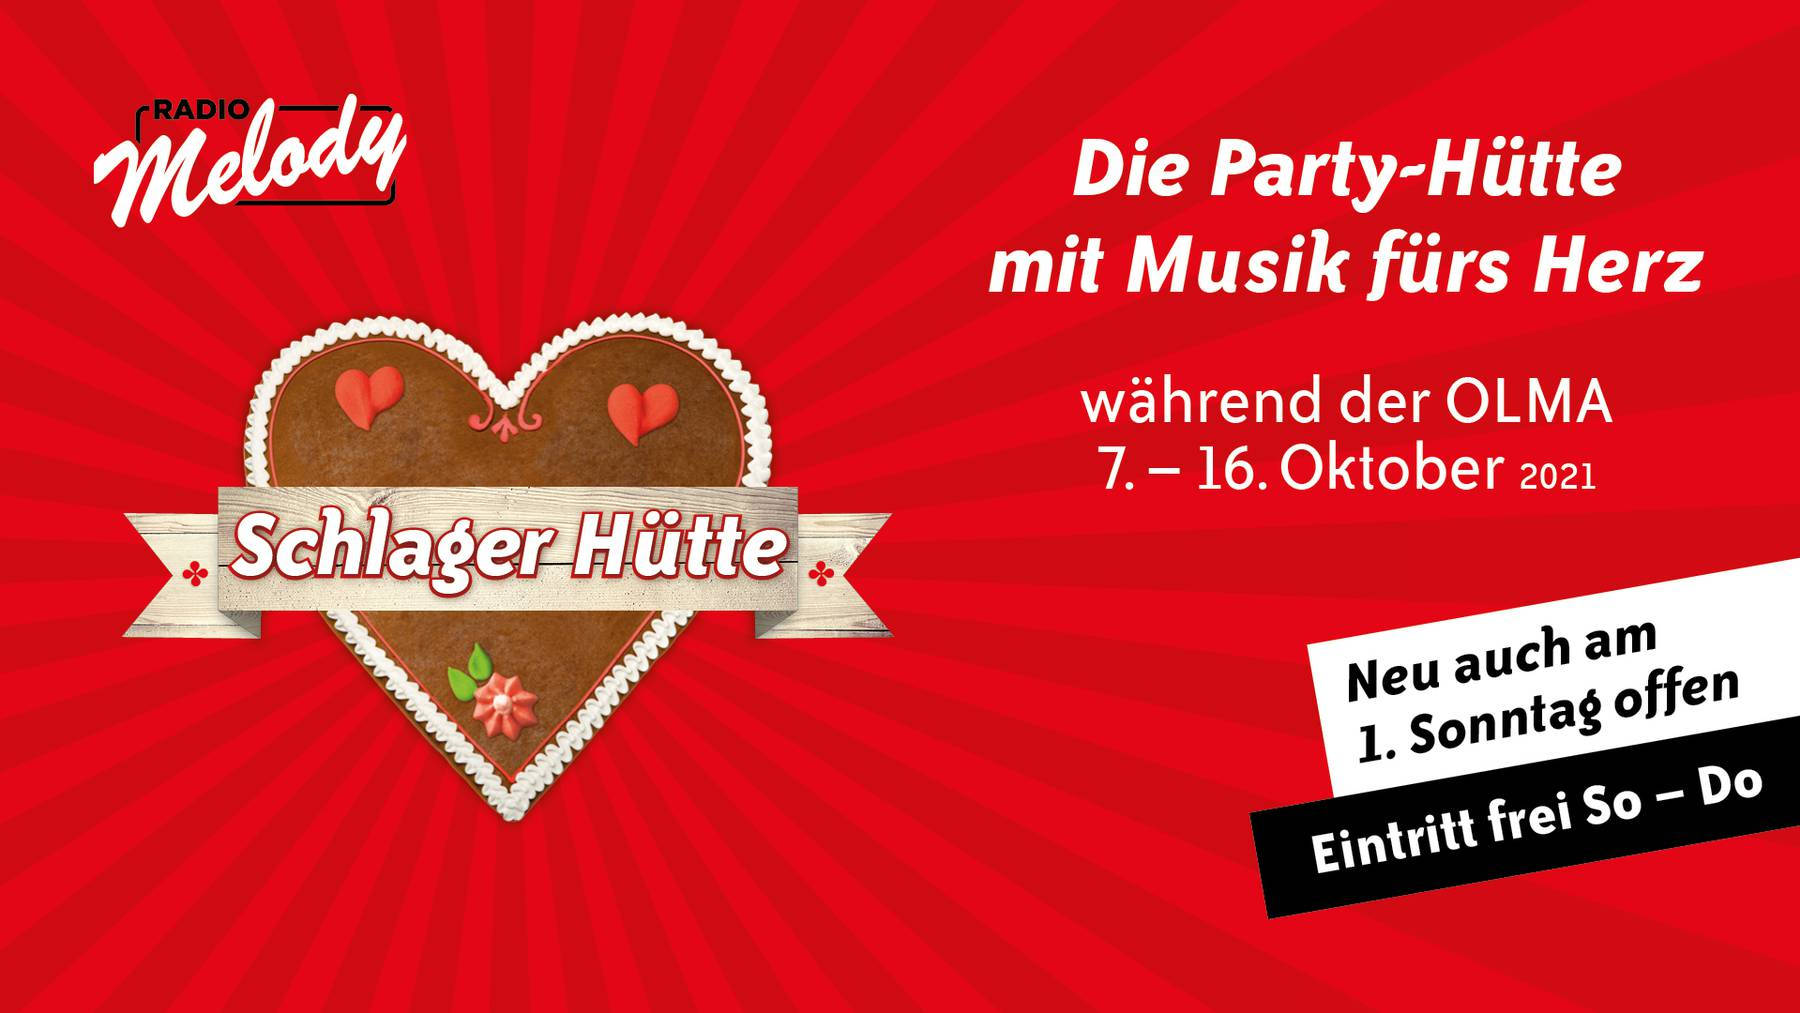 Radio Melody Schlager Hütte